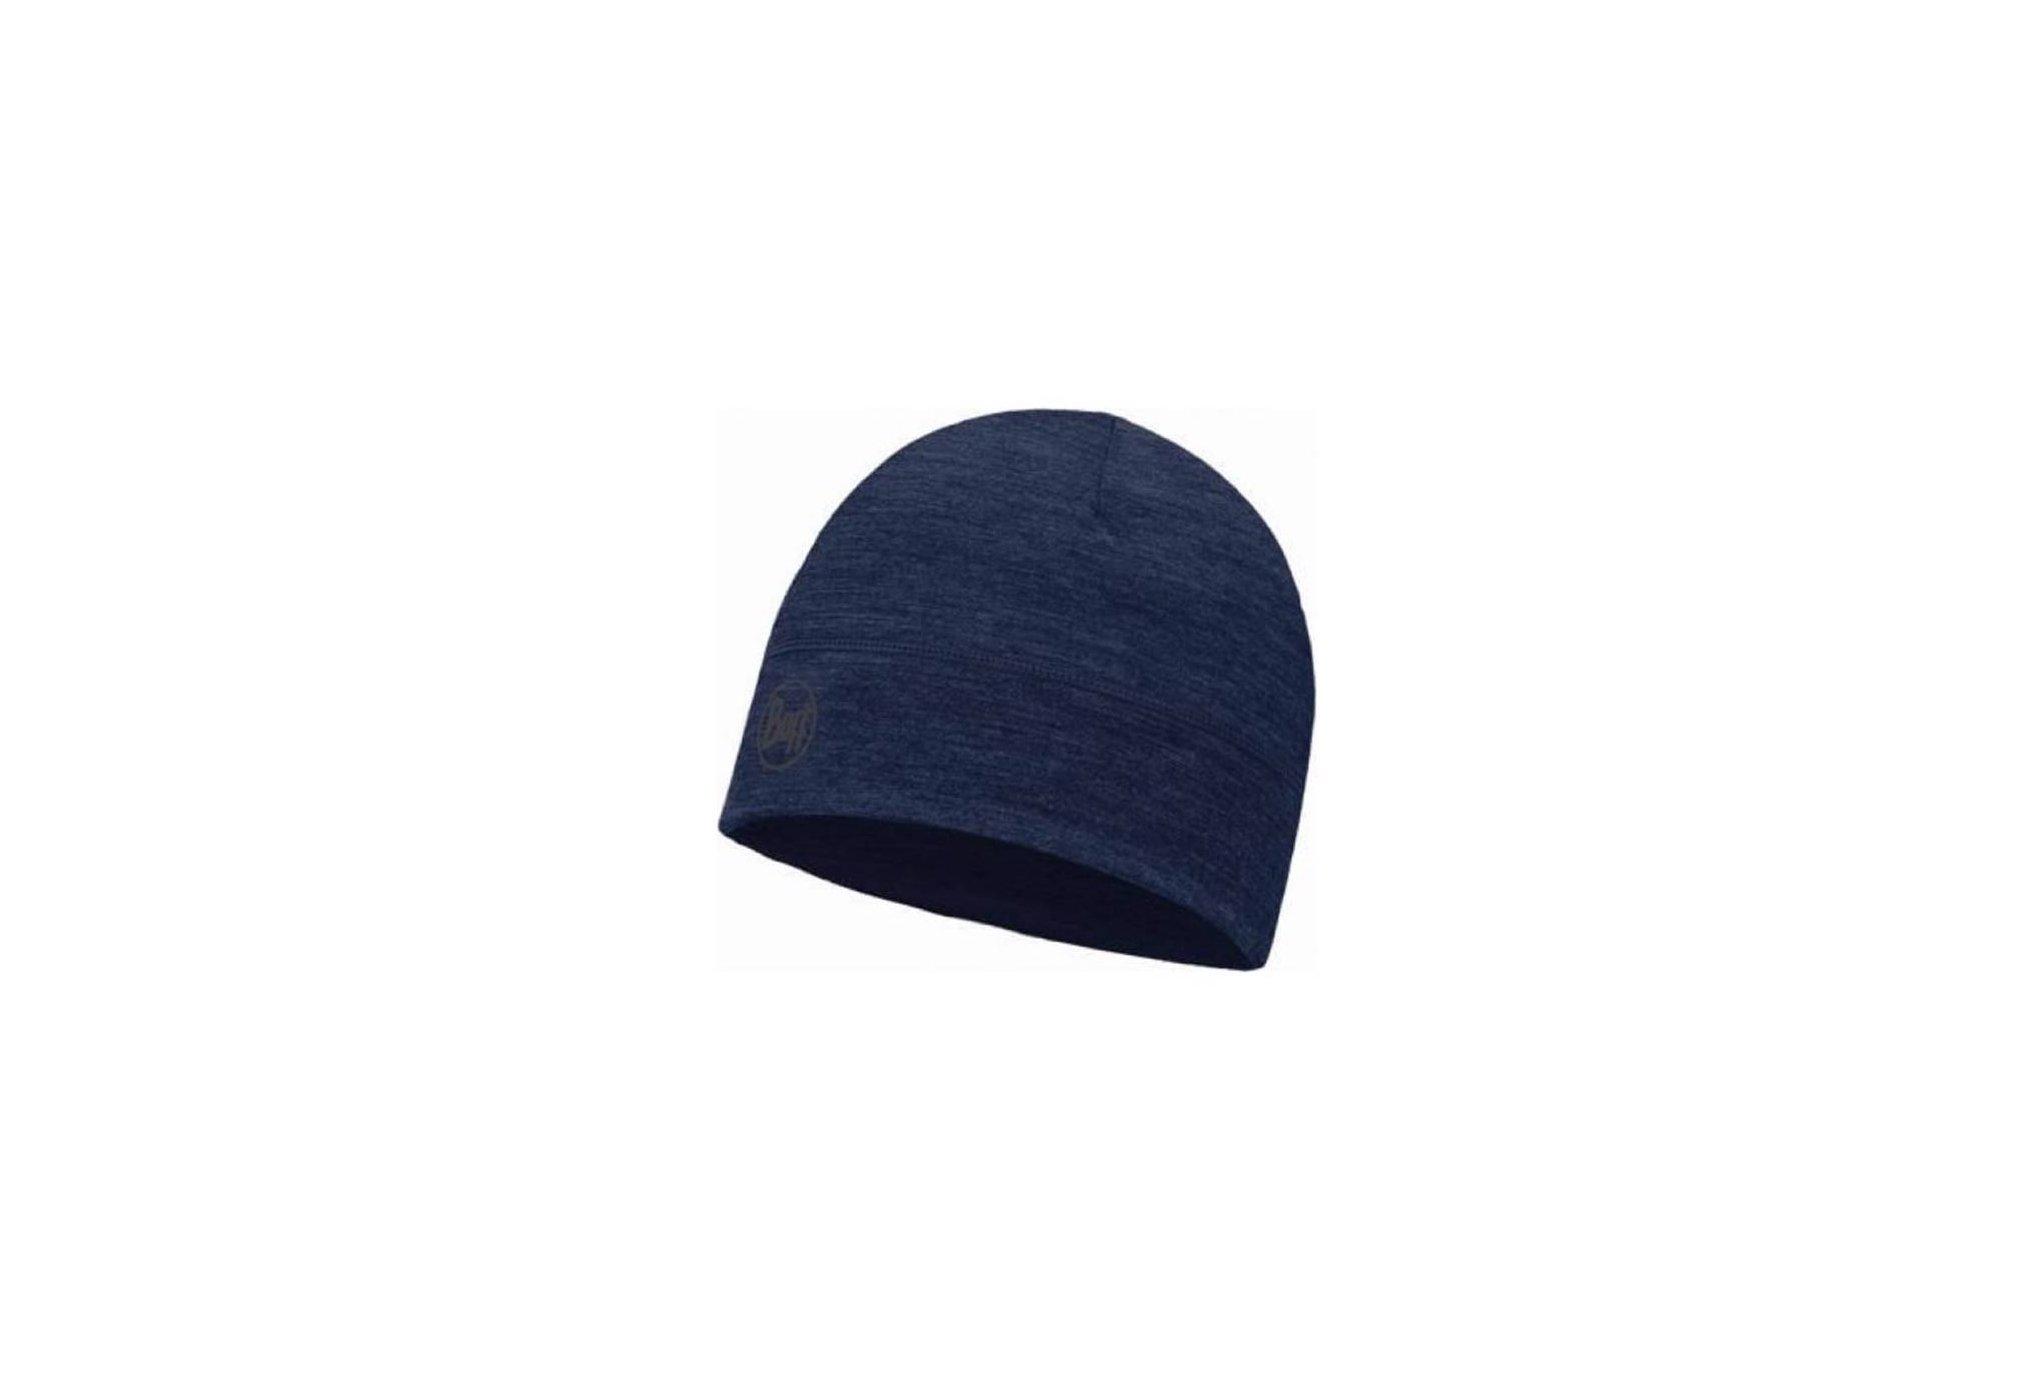 Buff Merino Wool Solid Black Bonnets / Gants